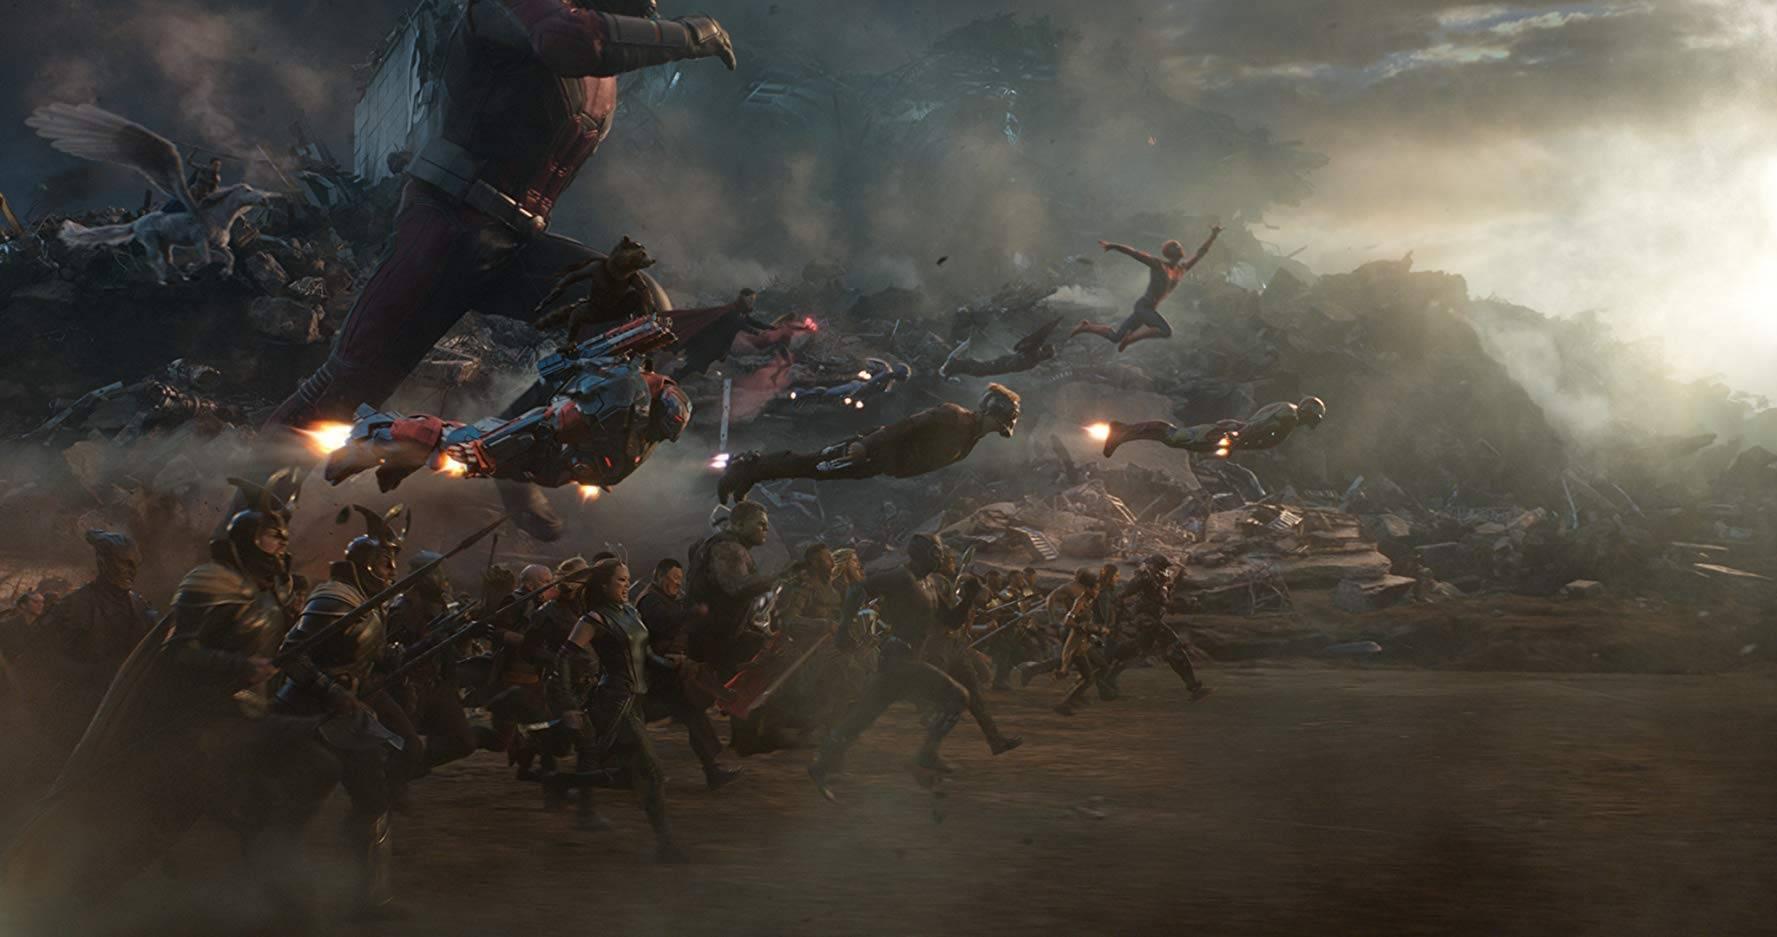 «Сатурн-2019»: в числе фаворитов —«Мстители: Финал» и «Игра престолов»